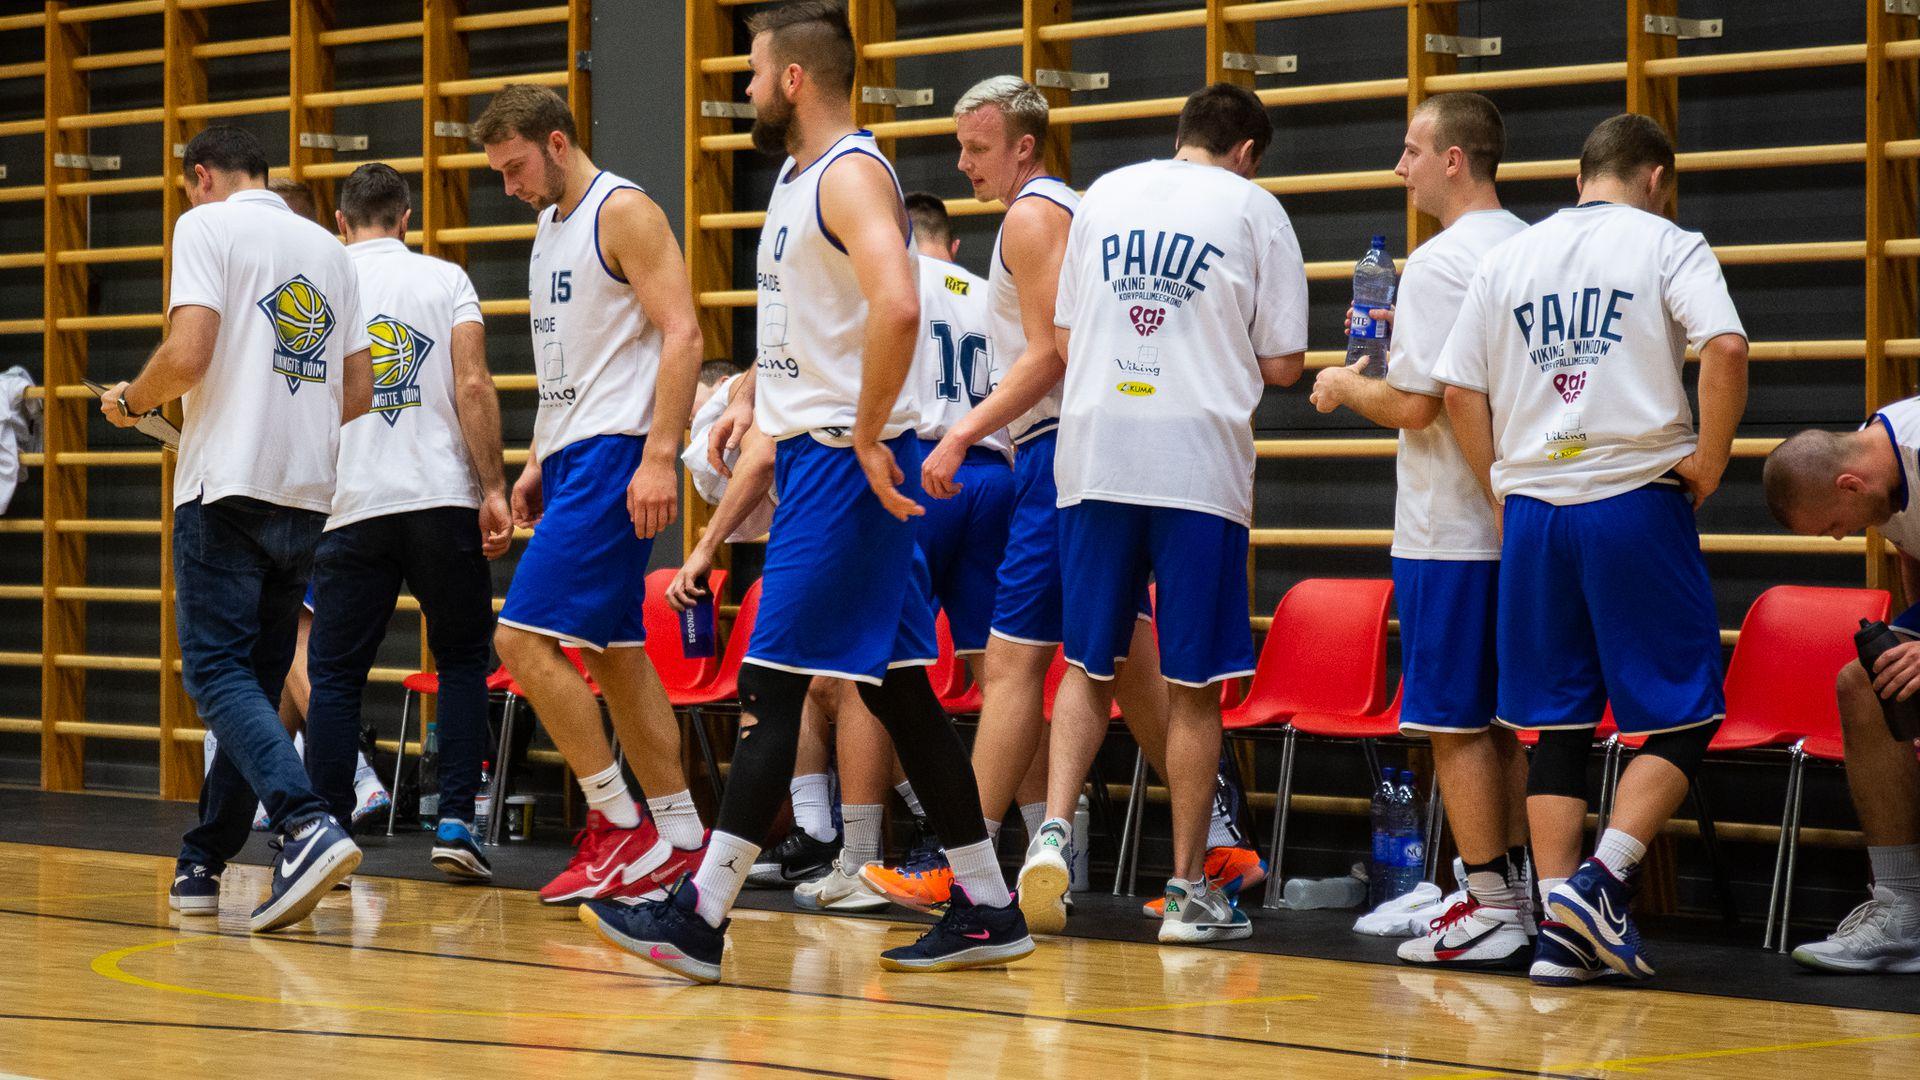 Paide korvpallimeeskond pidi tunnistama vastaste paremust: